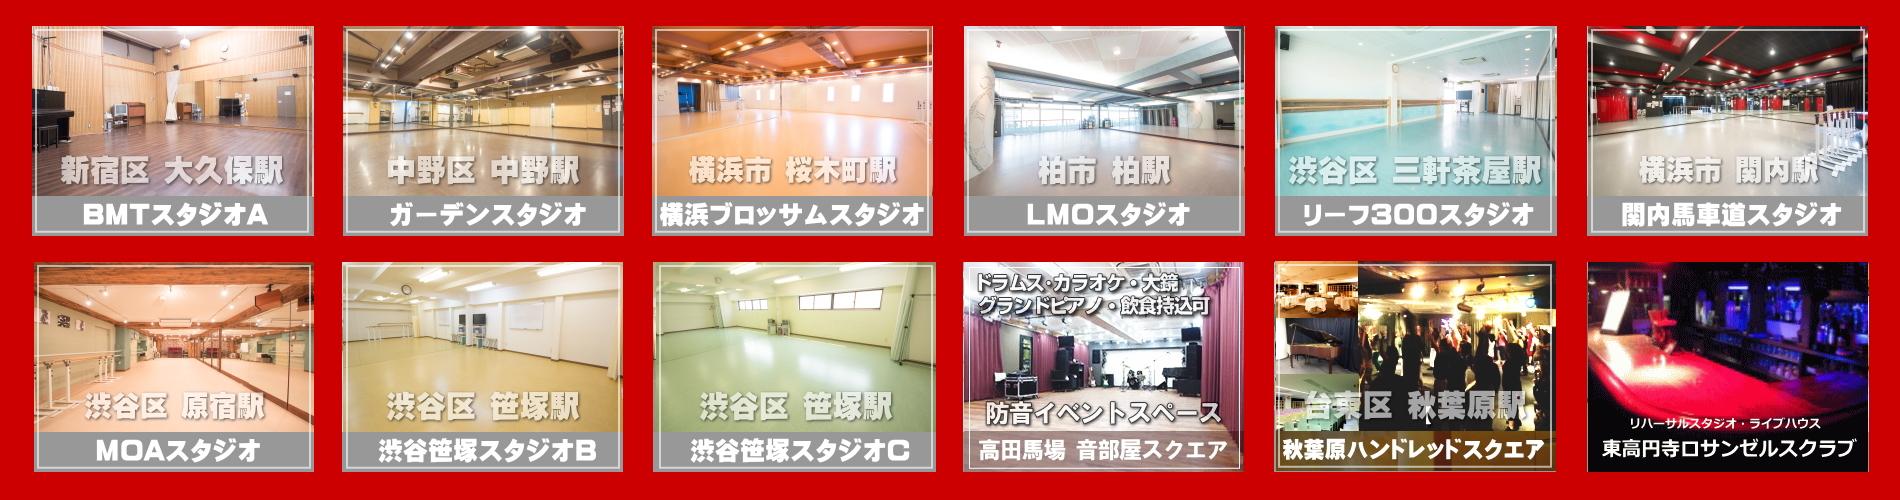 東京のレンタルスタジオ4